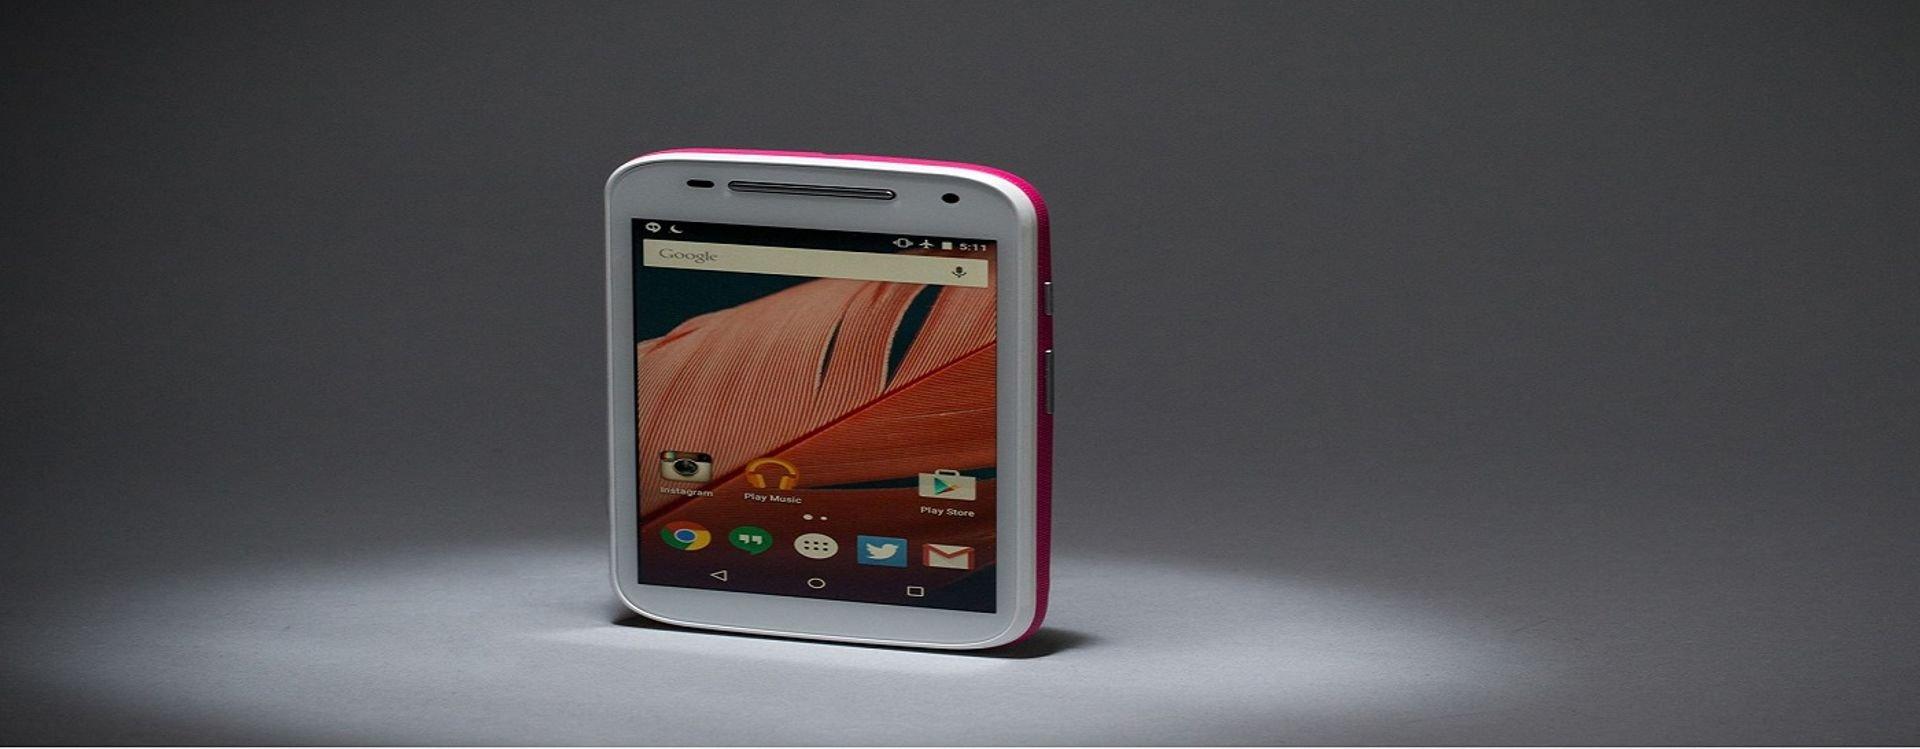 شركة أونيكس تتجه لإصدار هاتف ذكي بمواصفات عالية وبسعر 30 دولار